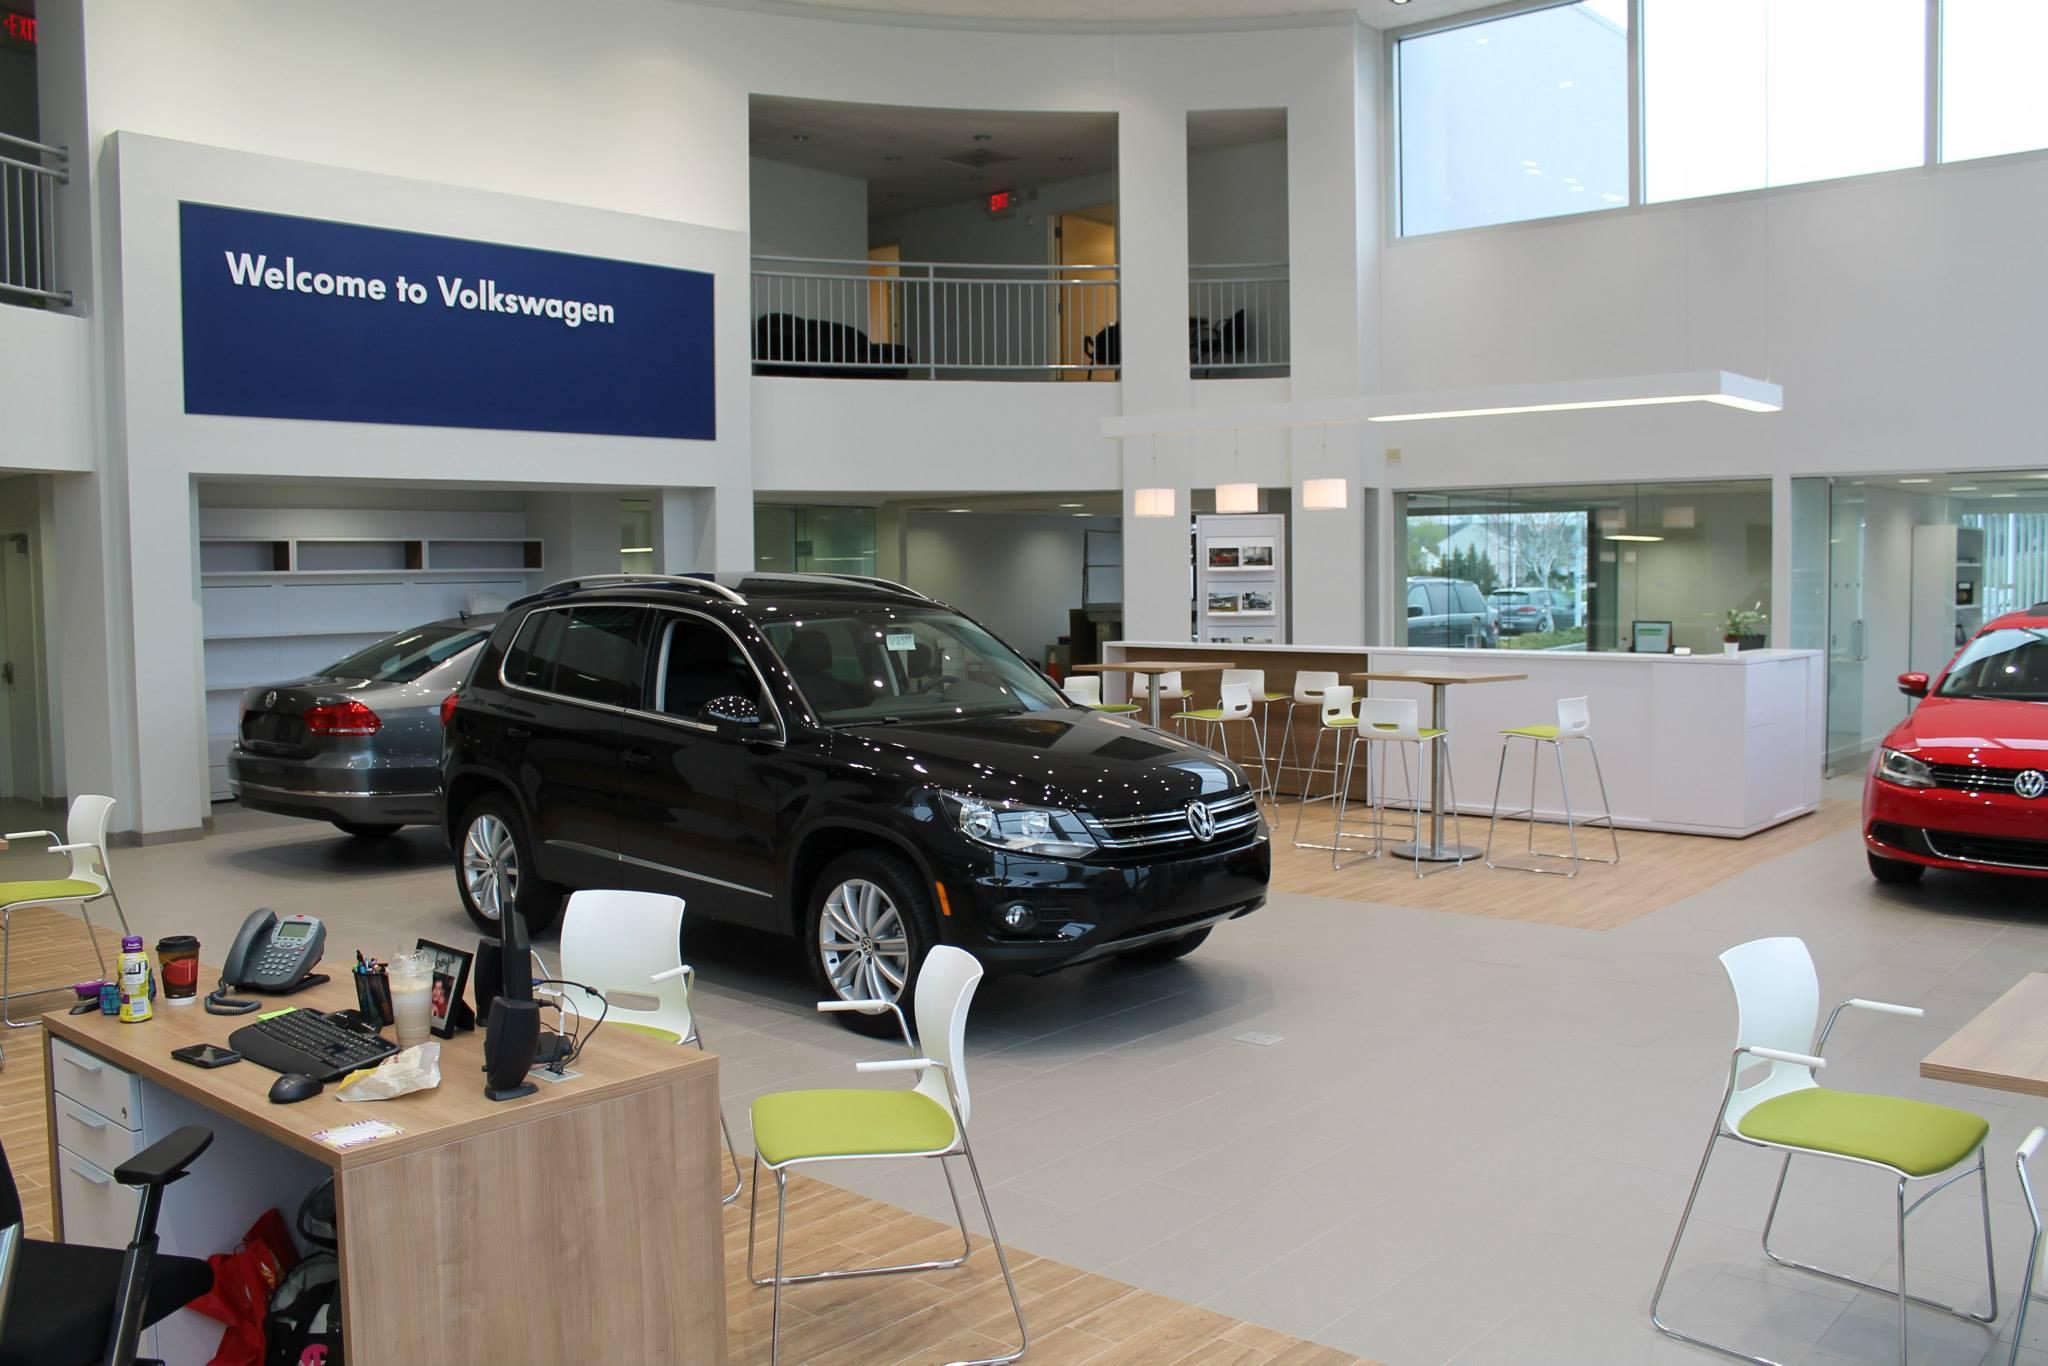 Volkswagen Reading, Leesport PA